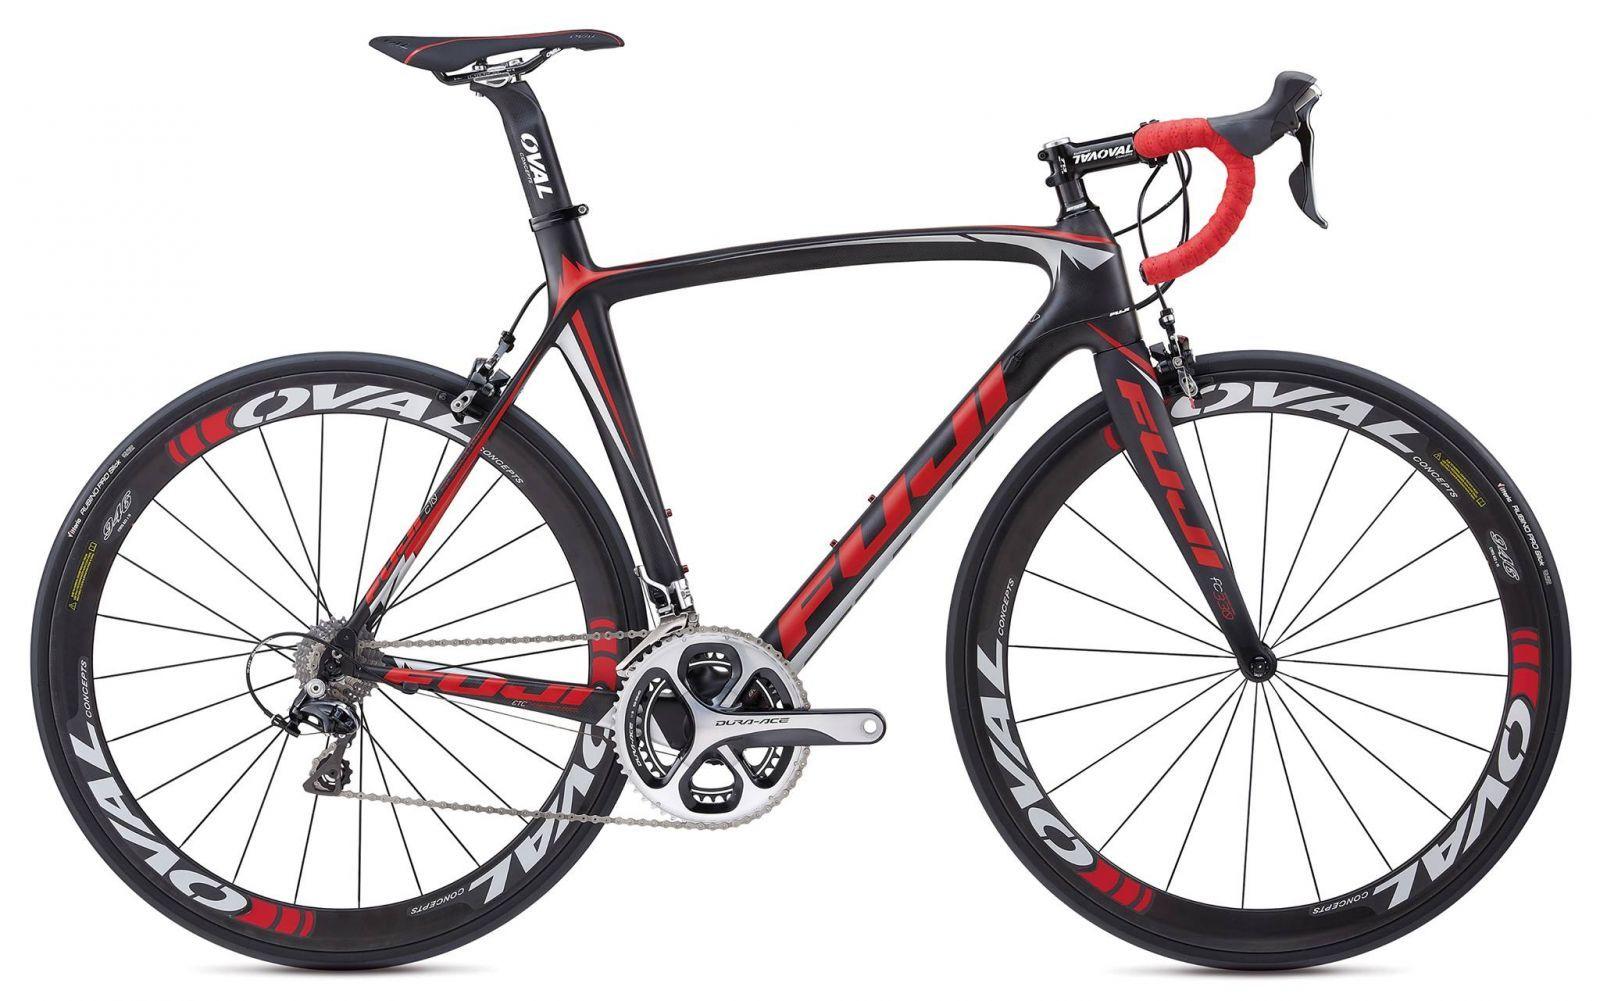 20144sst1_1.jpg 1,600×1,001 pixeles | bike | Pinterest | Bicicleta ...